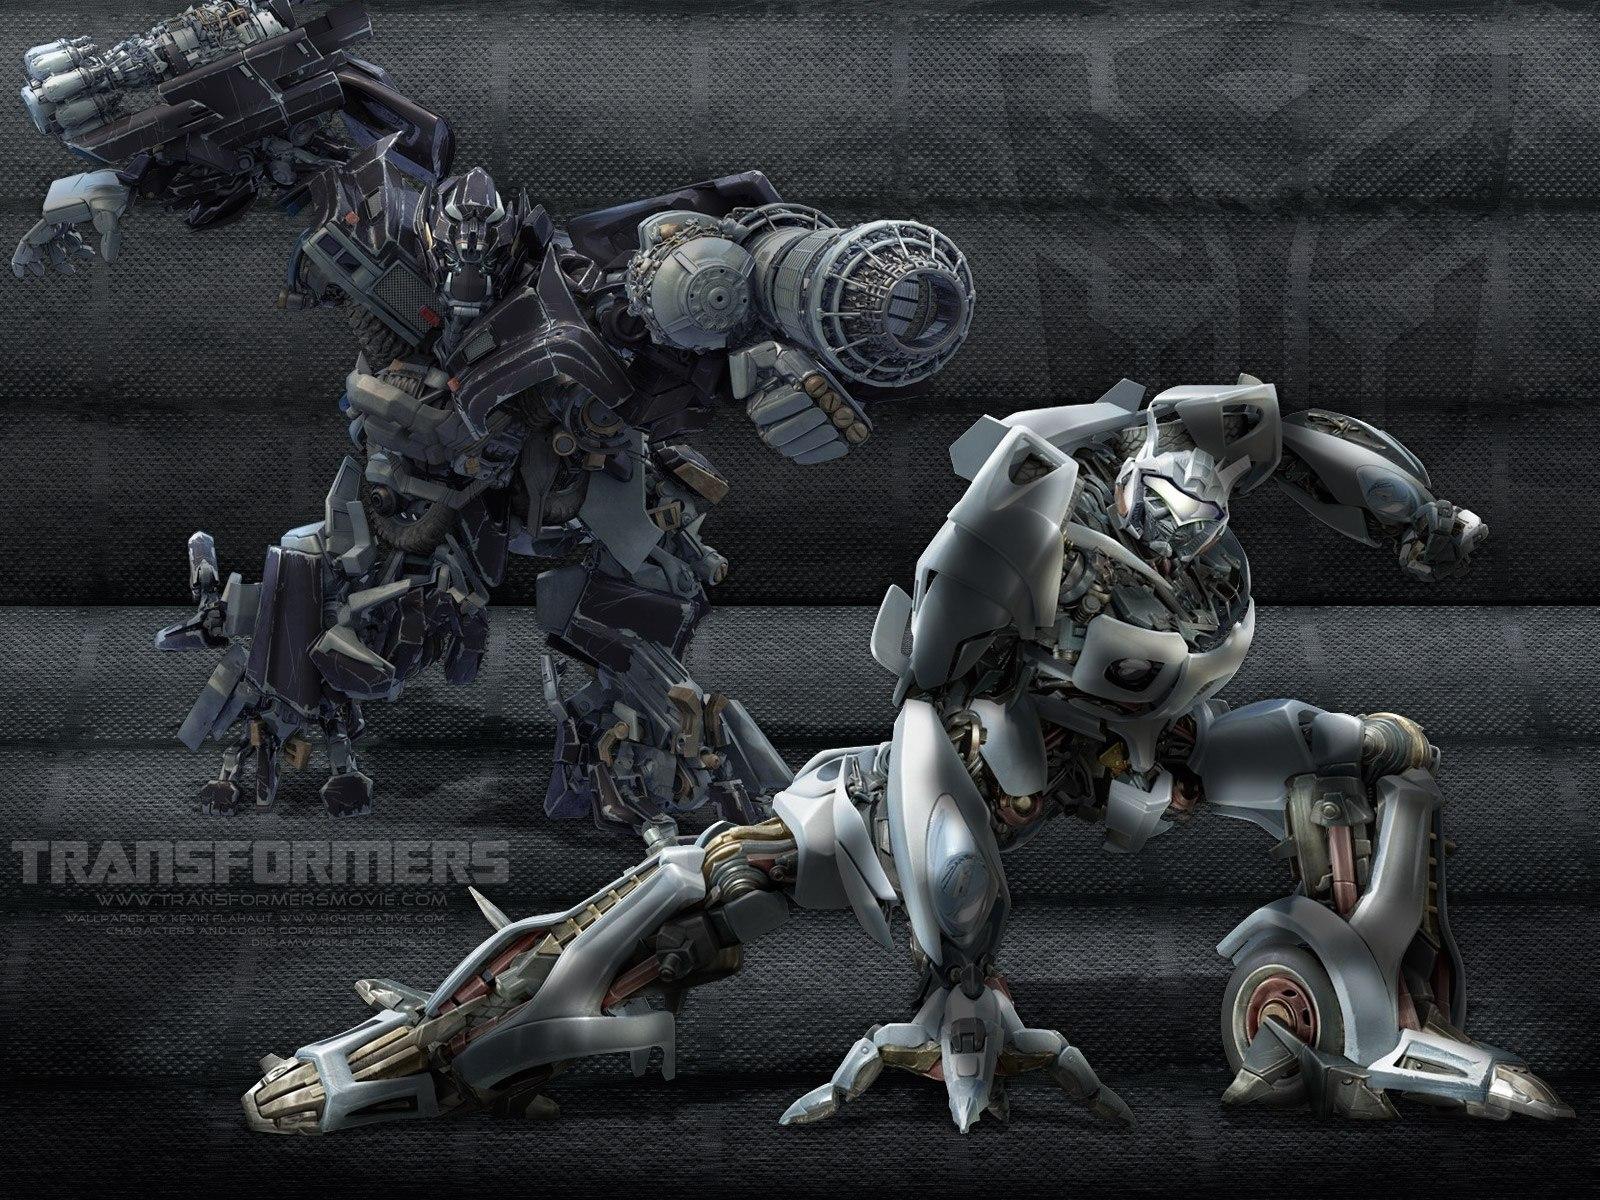 http://2.bp.blogspot.com/-Jl38ZMx-R-0/TdzK0Mqy_5I/AAAAAAAAE7k/o5tTrtI6FCA/s1600/Transformers+wallpaper+8.jpg